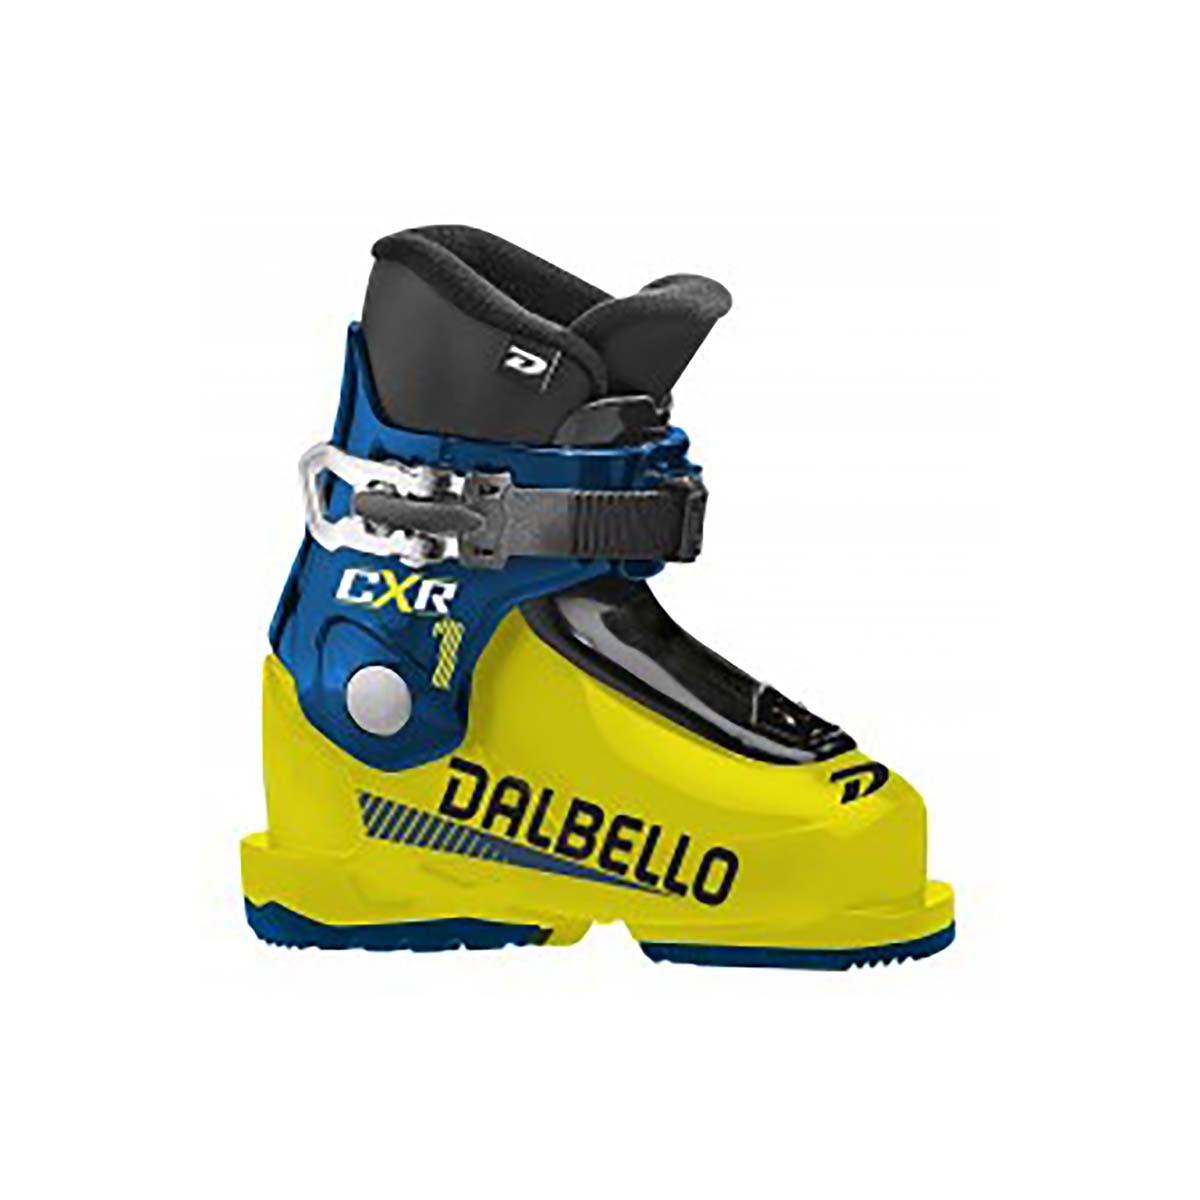 Scarponi sci Dalbello Cxr 10 Jr (Colore: giallo-petrol, Taglia: 15.5)